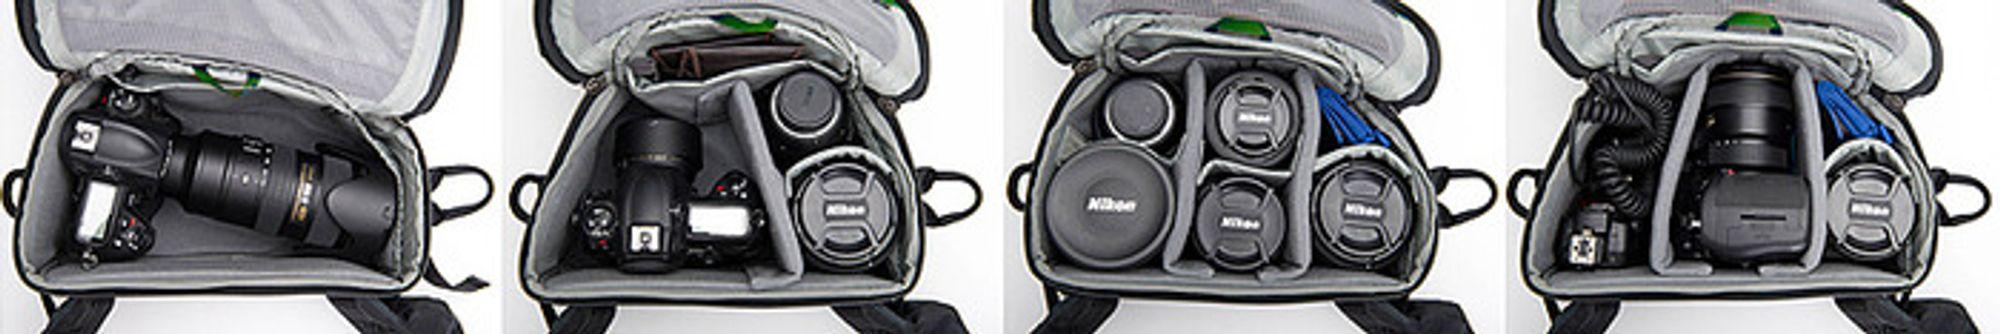 I det smarte rommet nederst på sekken, får man for eksempel plass til et fullformatskamera med et objektiv på 70-200 mm.